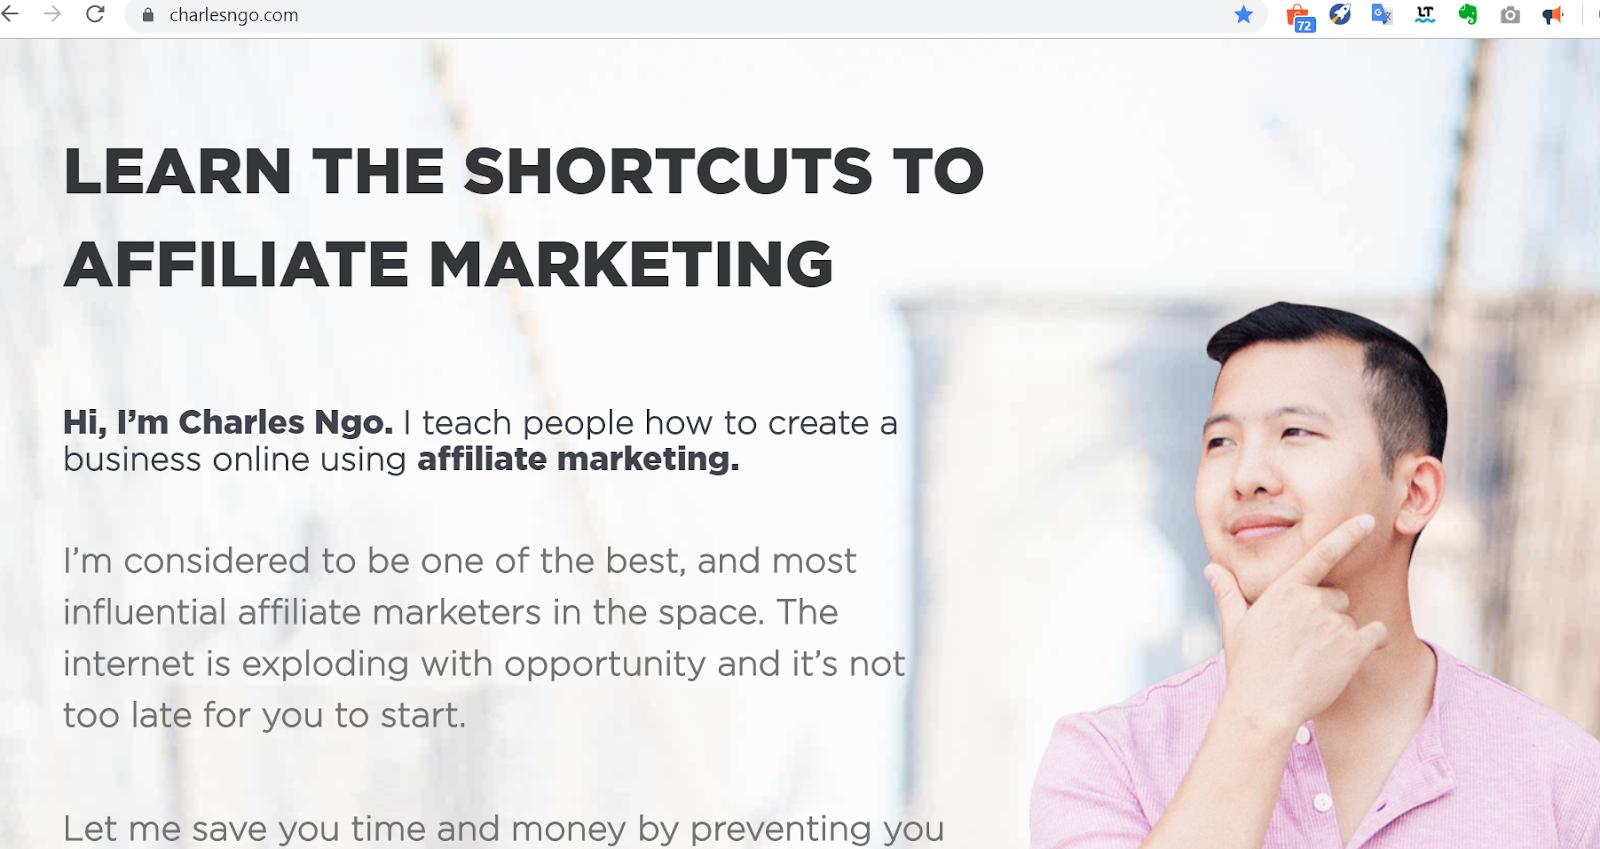 Kiếm tiền online với seo - Shopee Affiliate Program